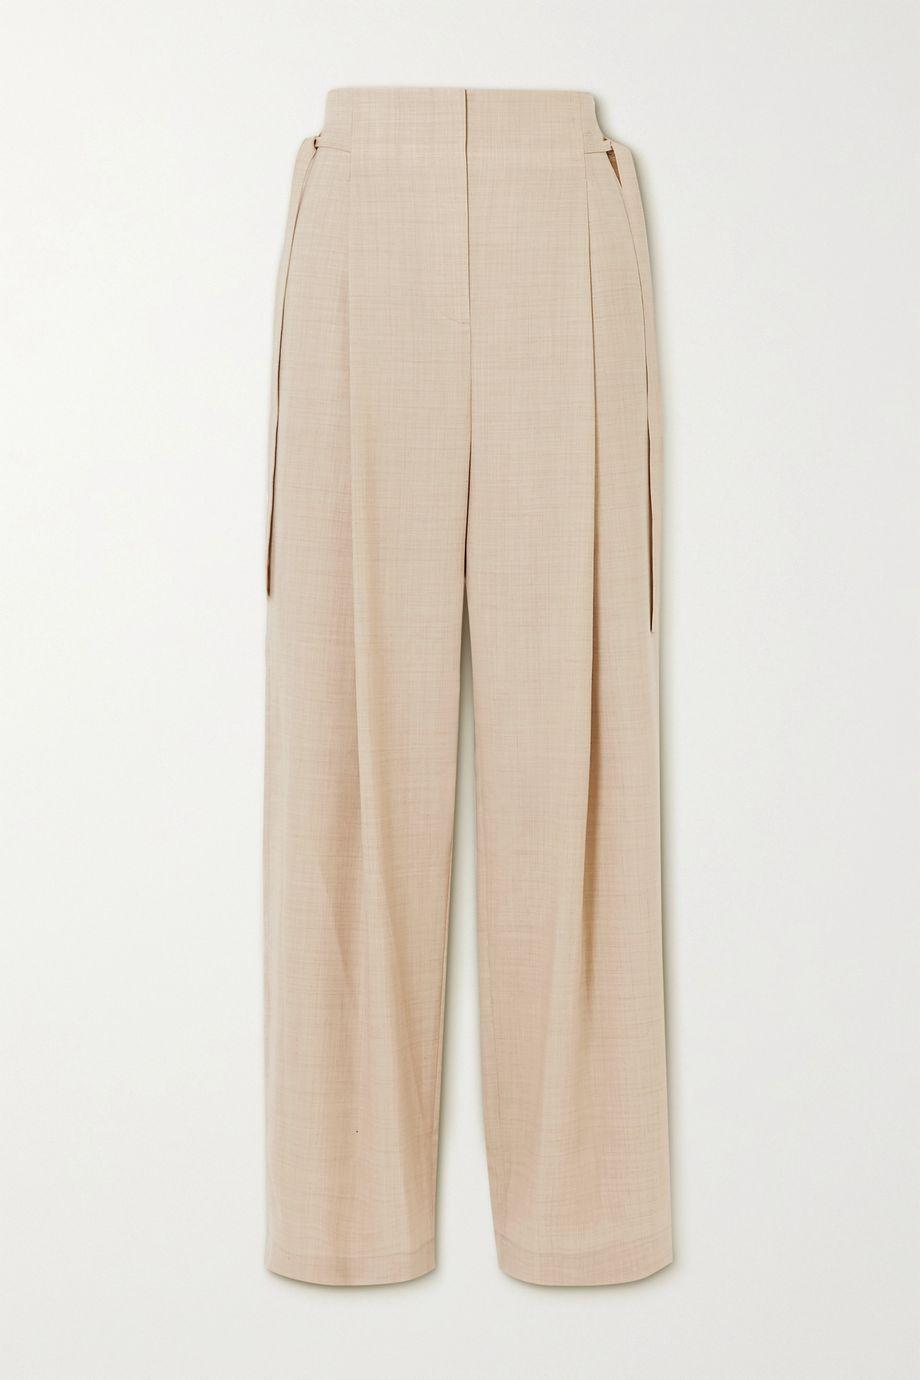 LE 17 SEPTEMBRE Pantalon droit en laine à liens